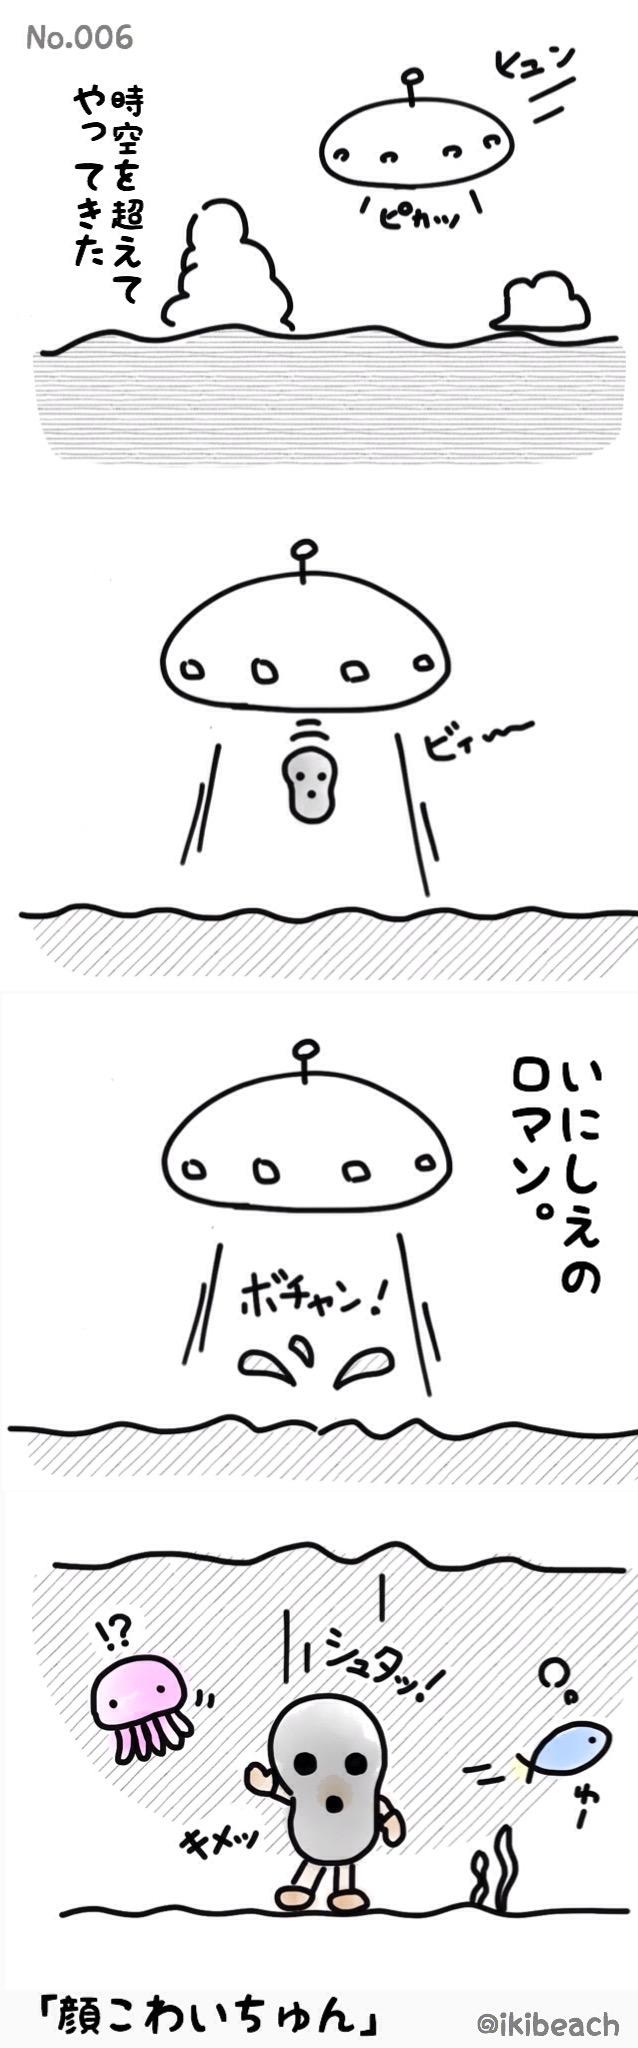 コバルト漫画「お魚だもの。」No.006『顔こわいちゅん』